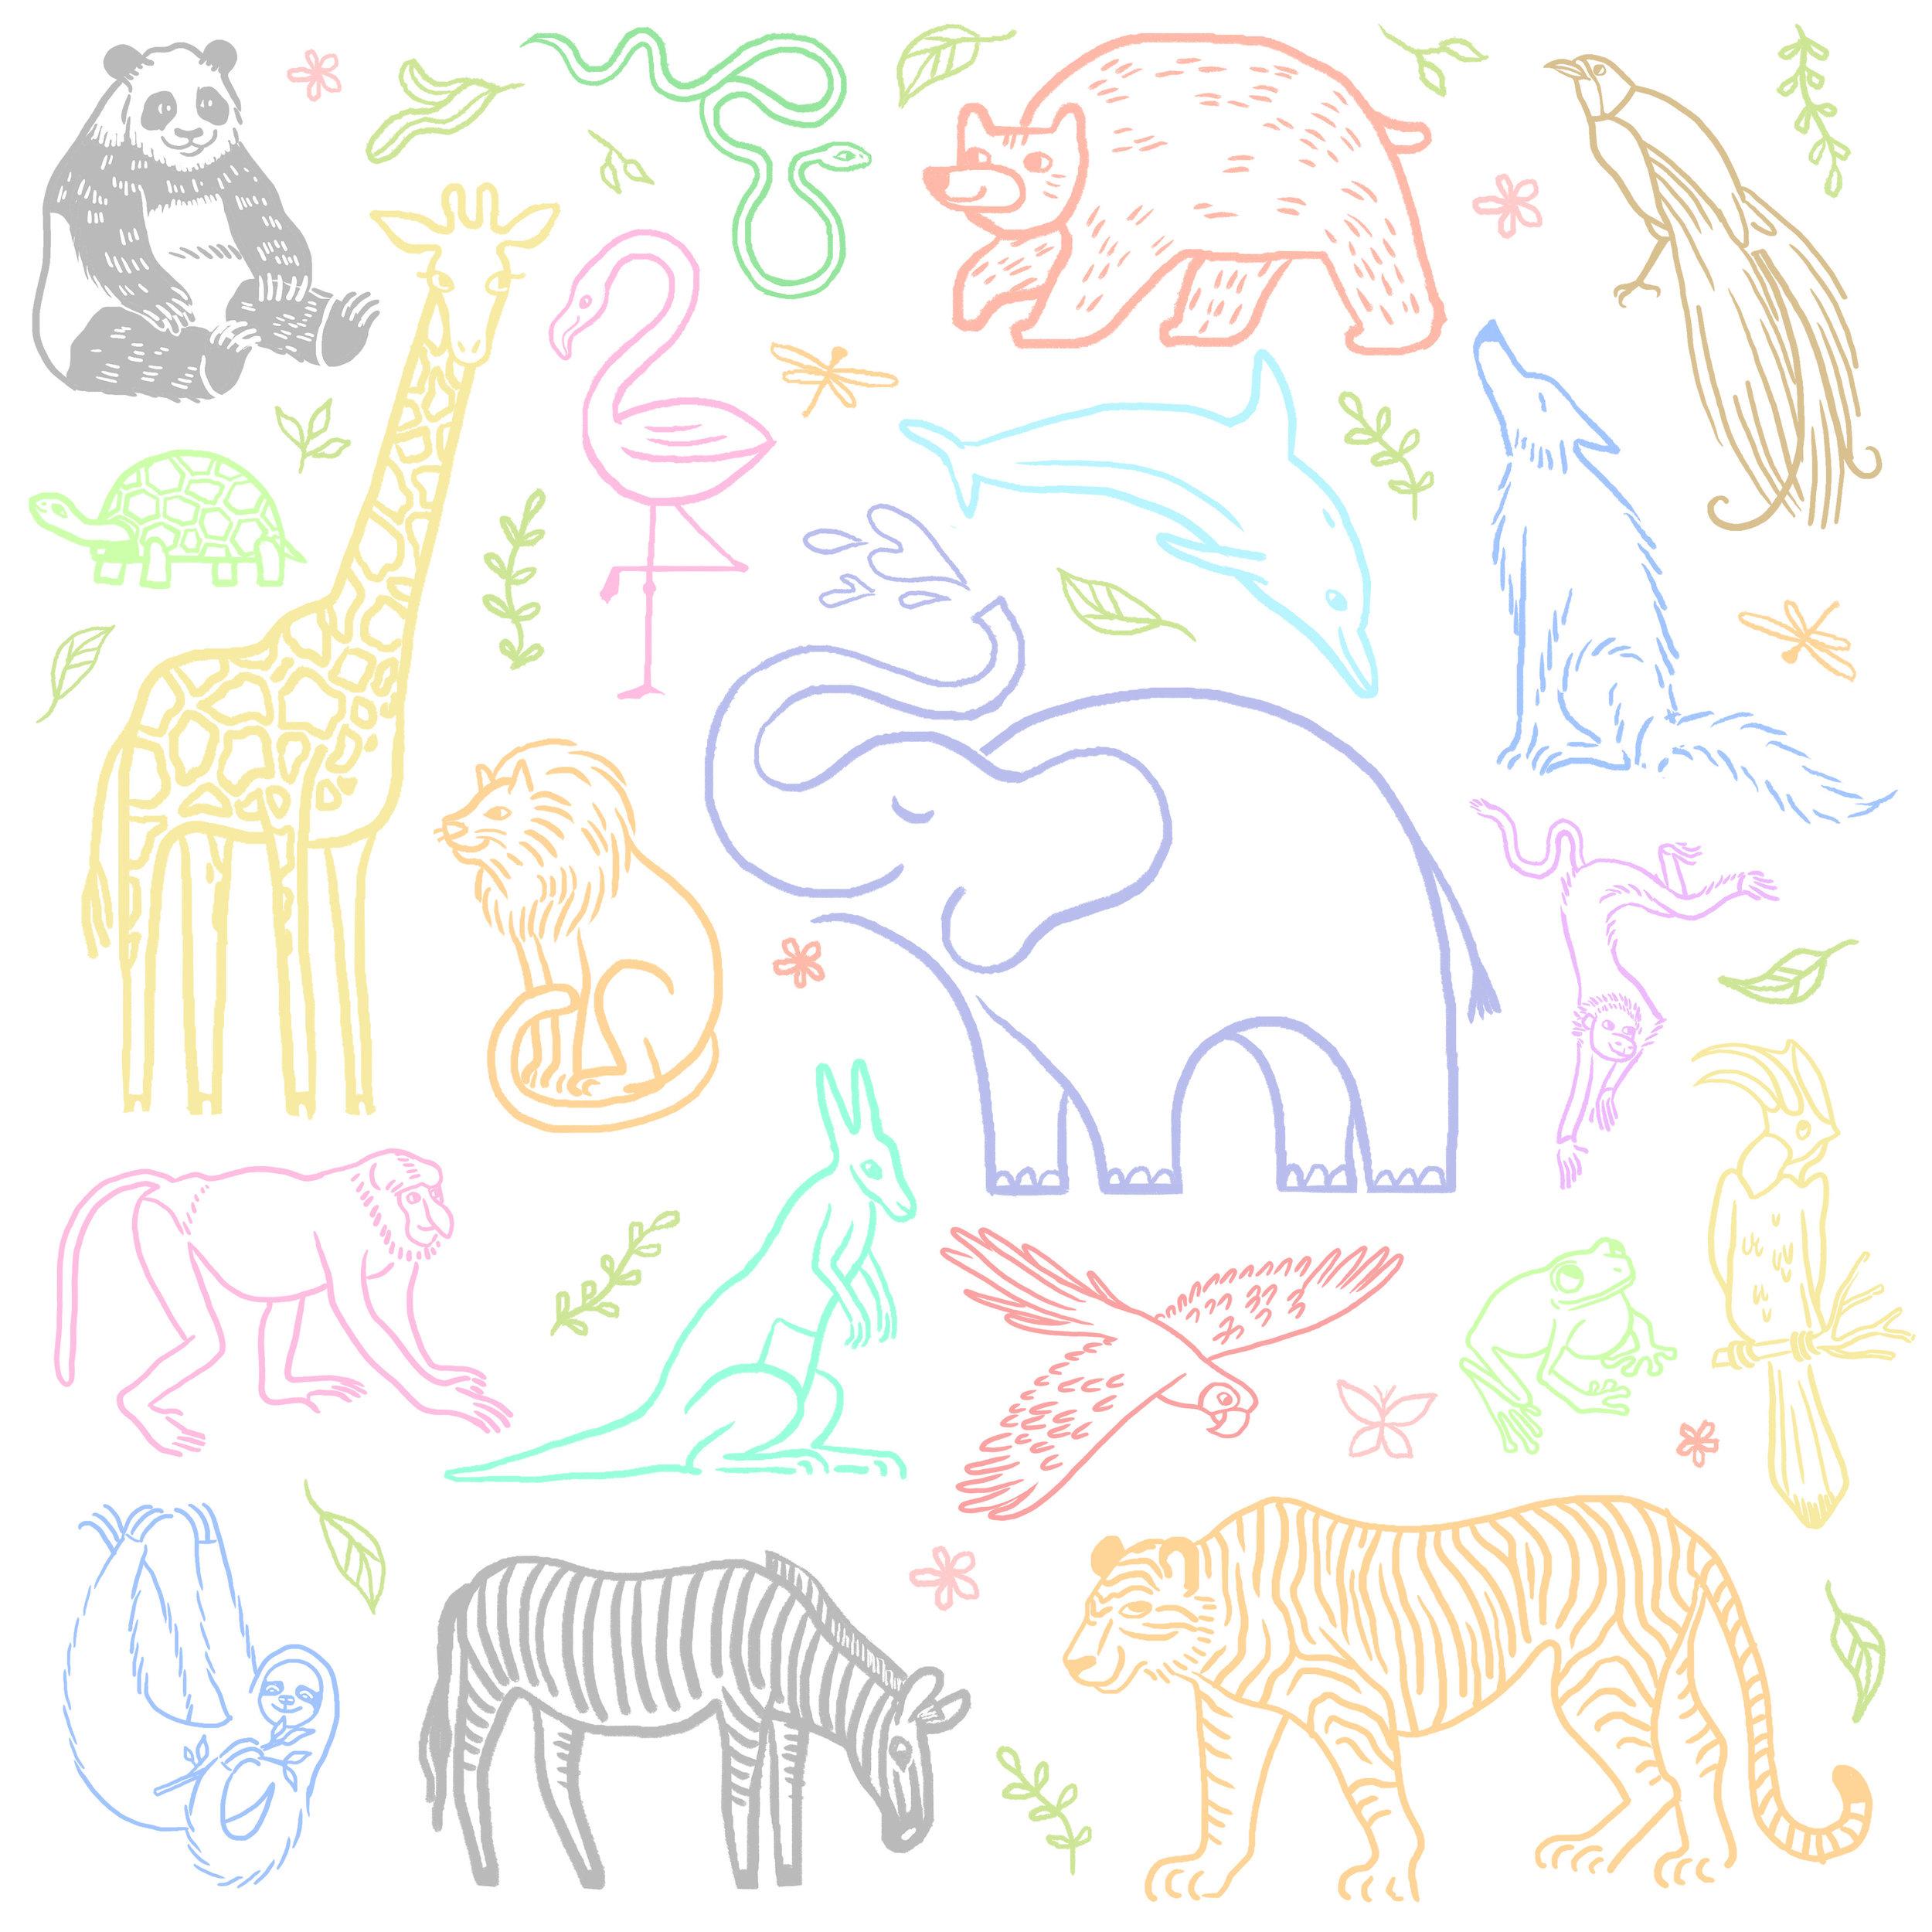 Animals_Sketch2 (1).jpg